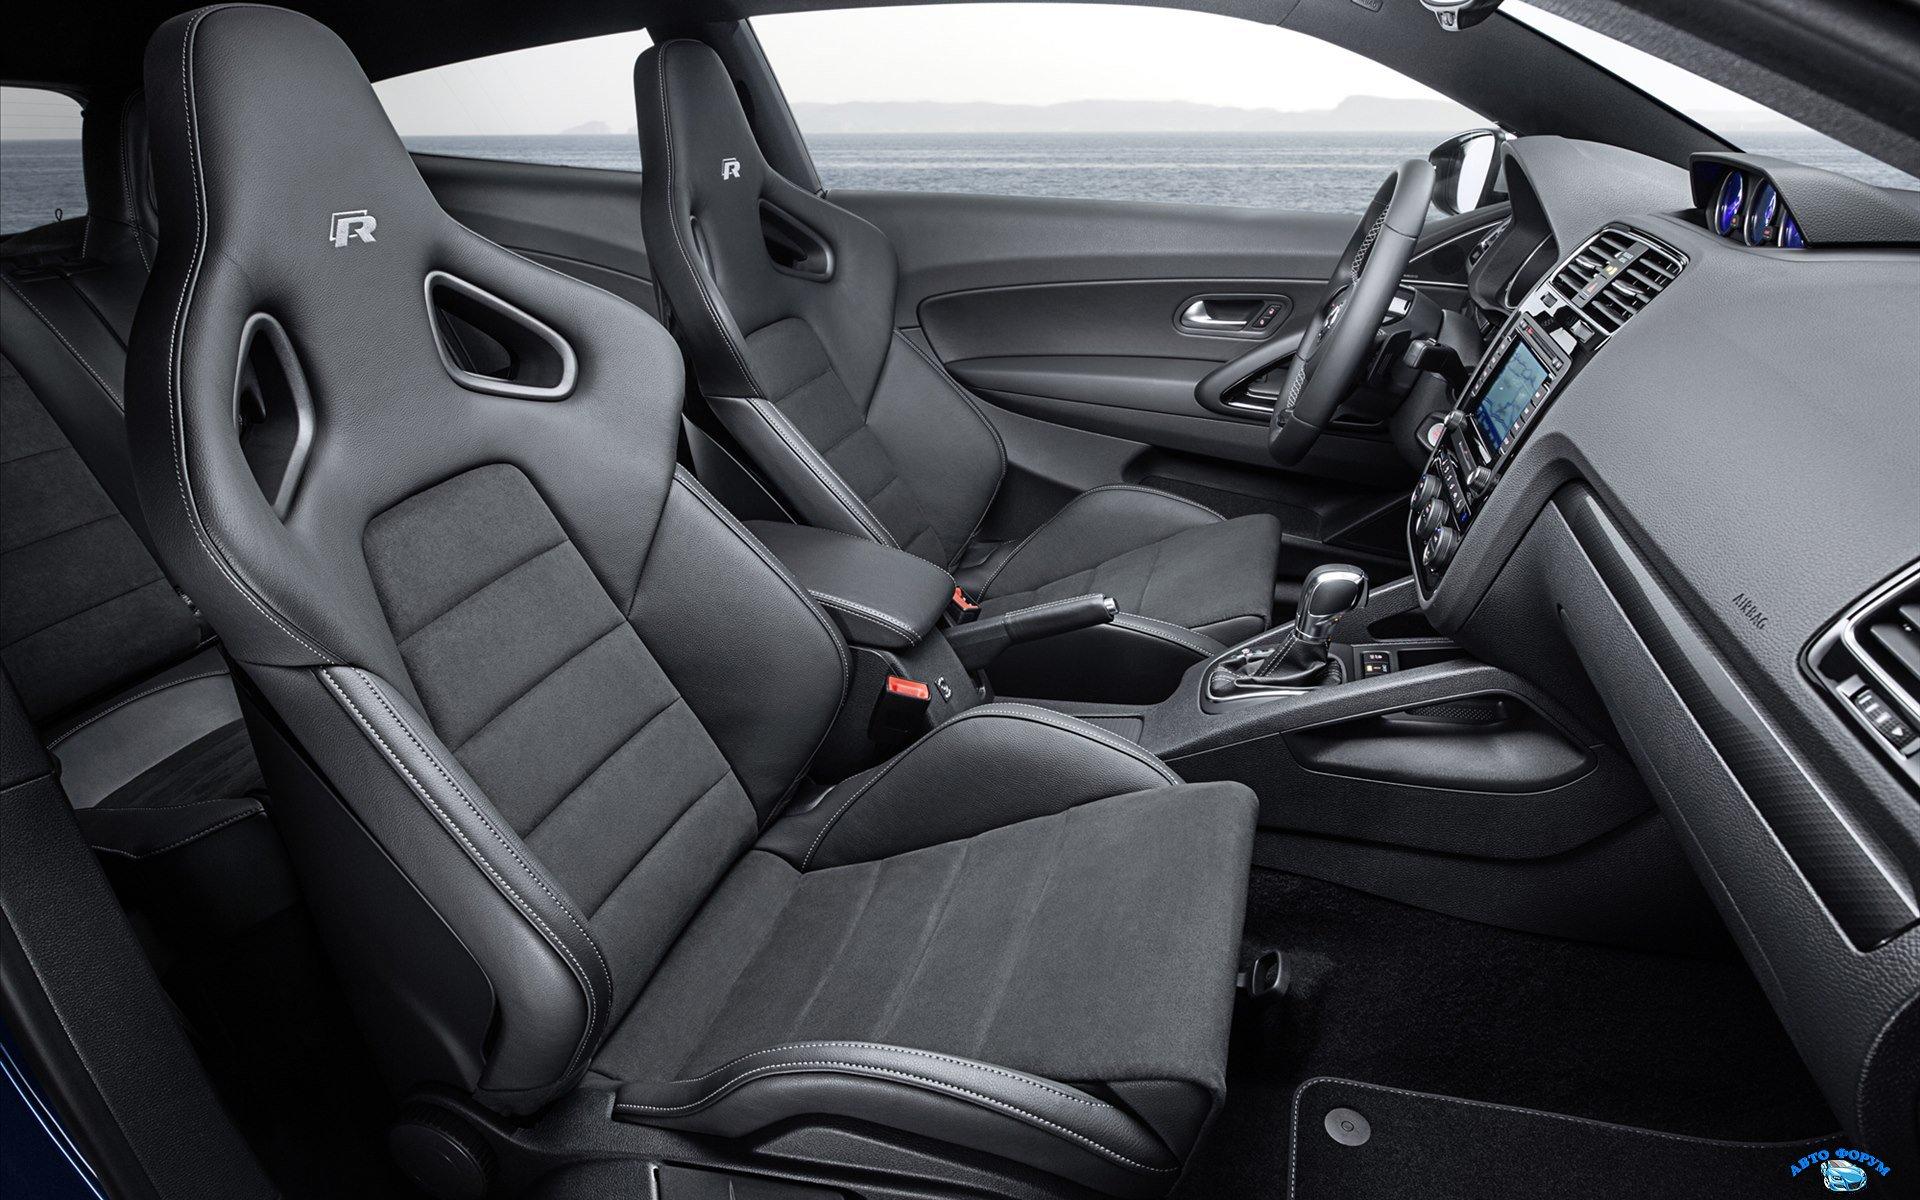 Volkswagen-Scirocco-R-2015-widescreen-01.jpg